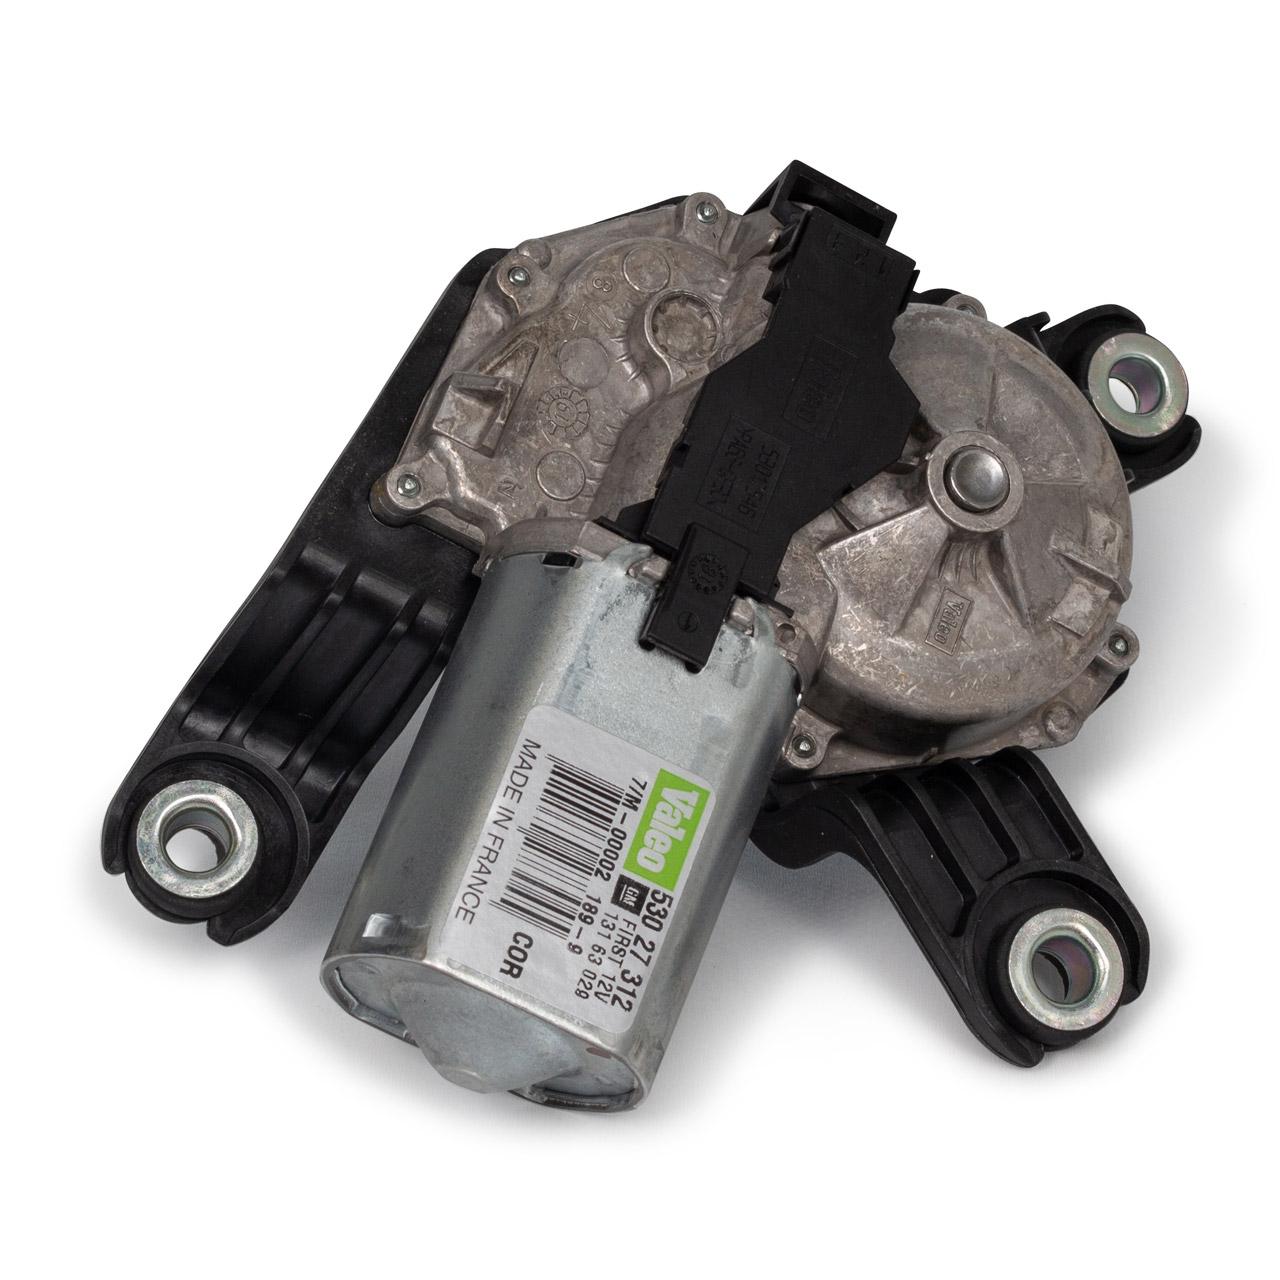 Wischermotor Heckwischermotor OPEL Corsa D (S07) hinten 13163029 / 1273088